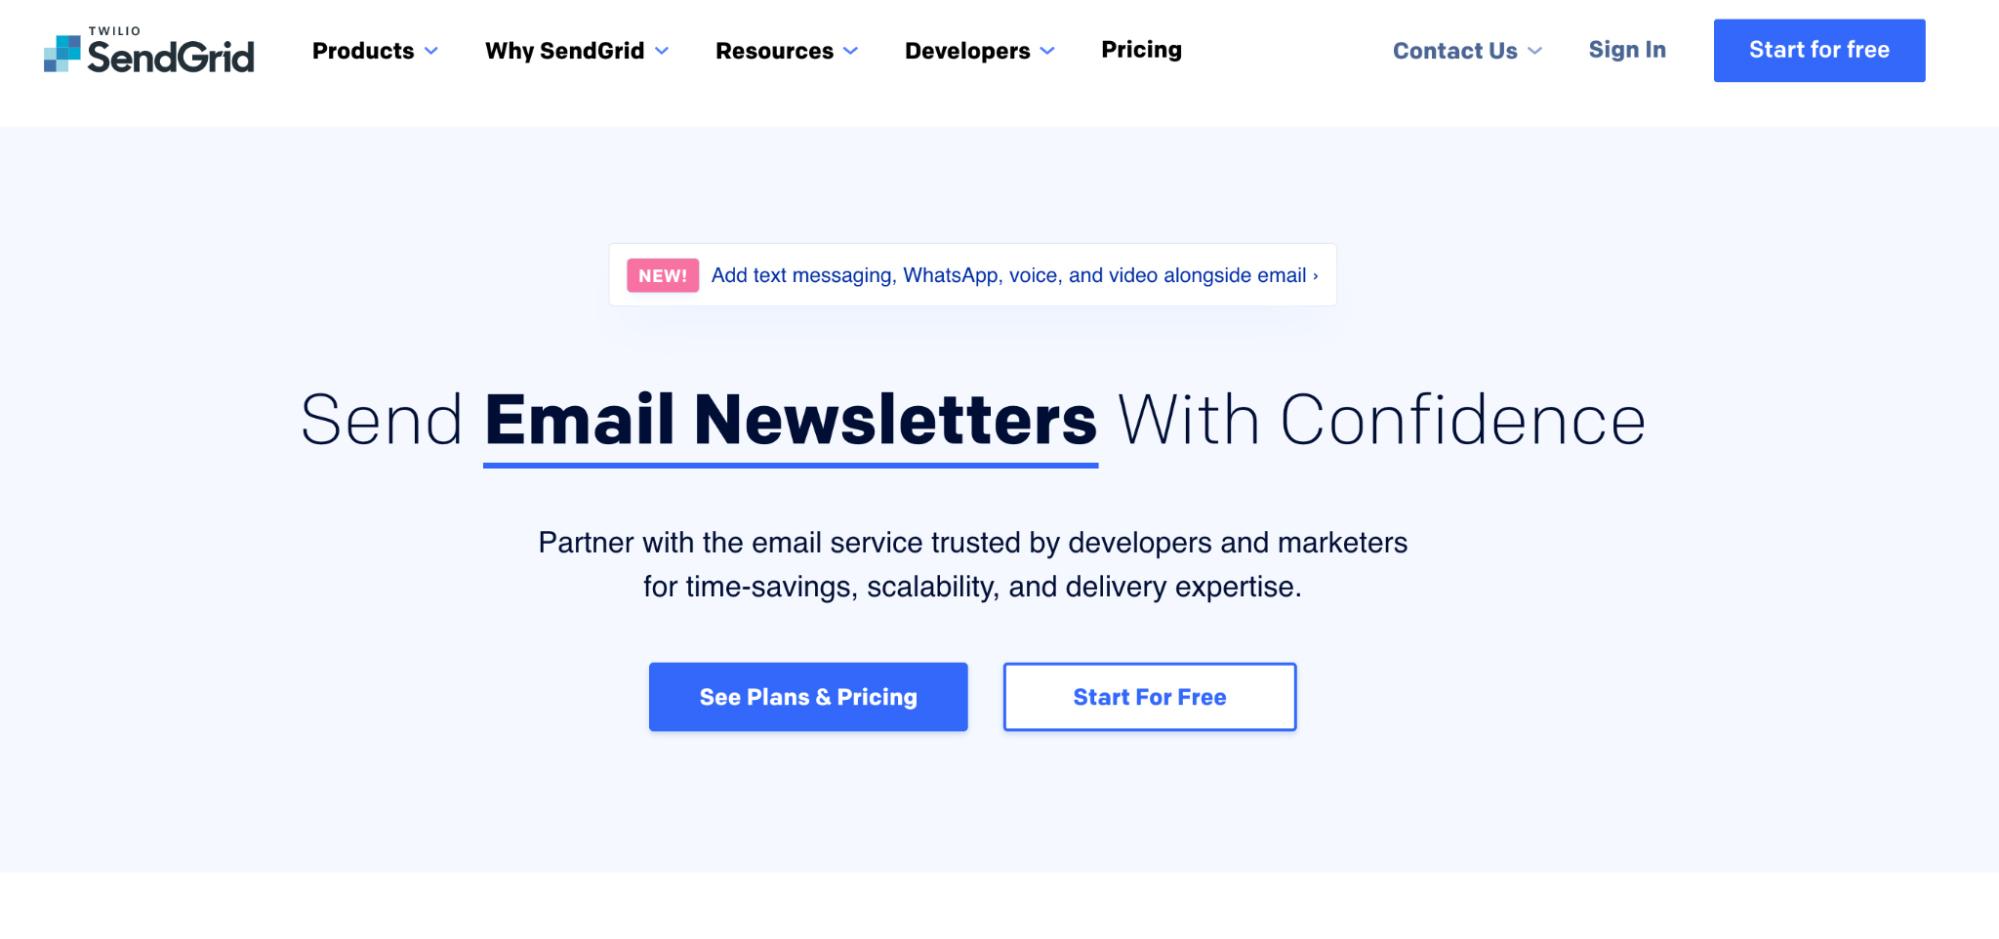 SaaS Marketing Automation Tools: SendGrid Screenshot